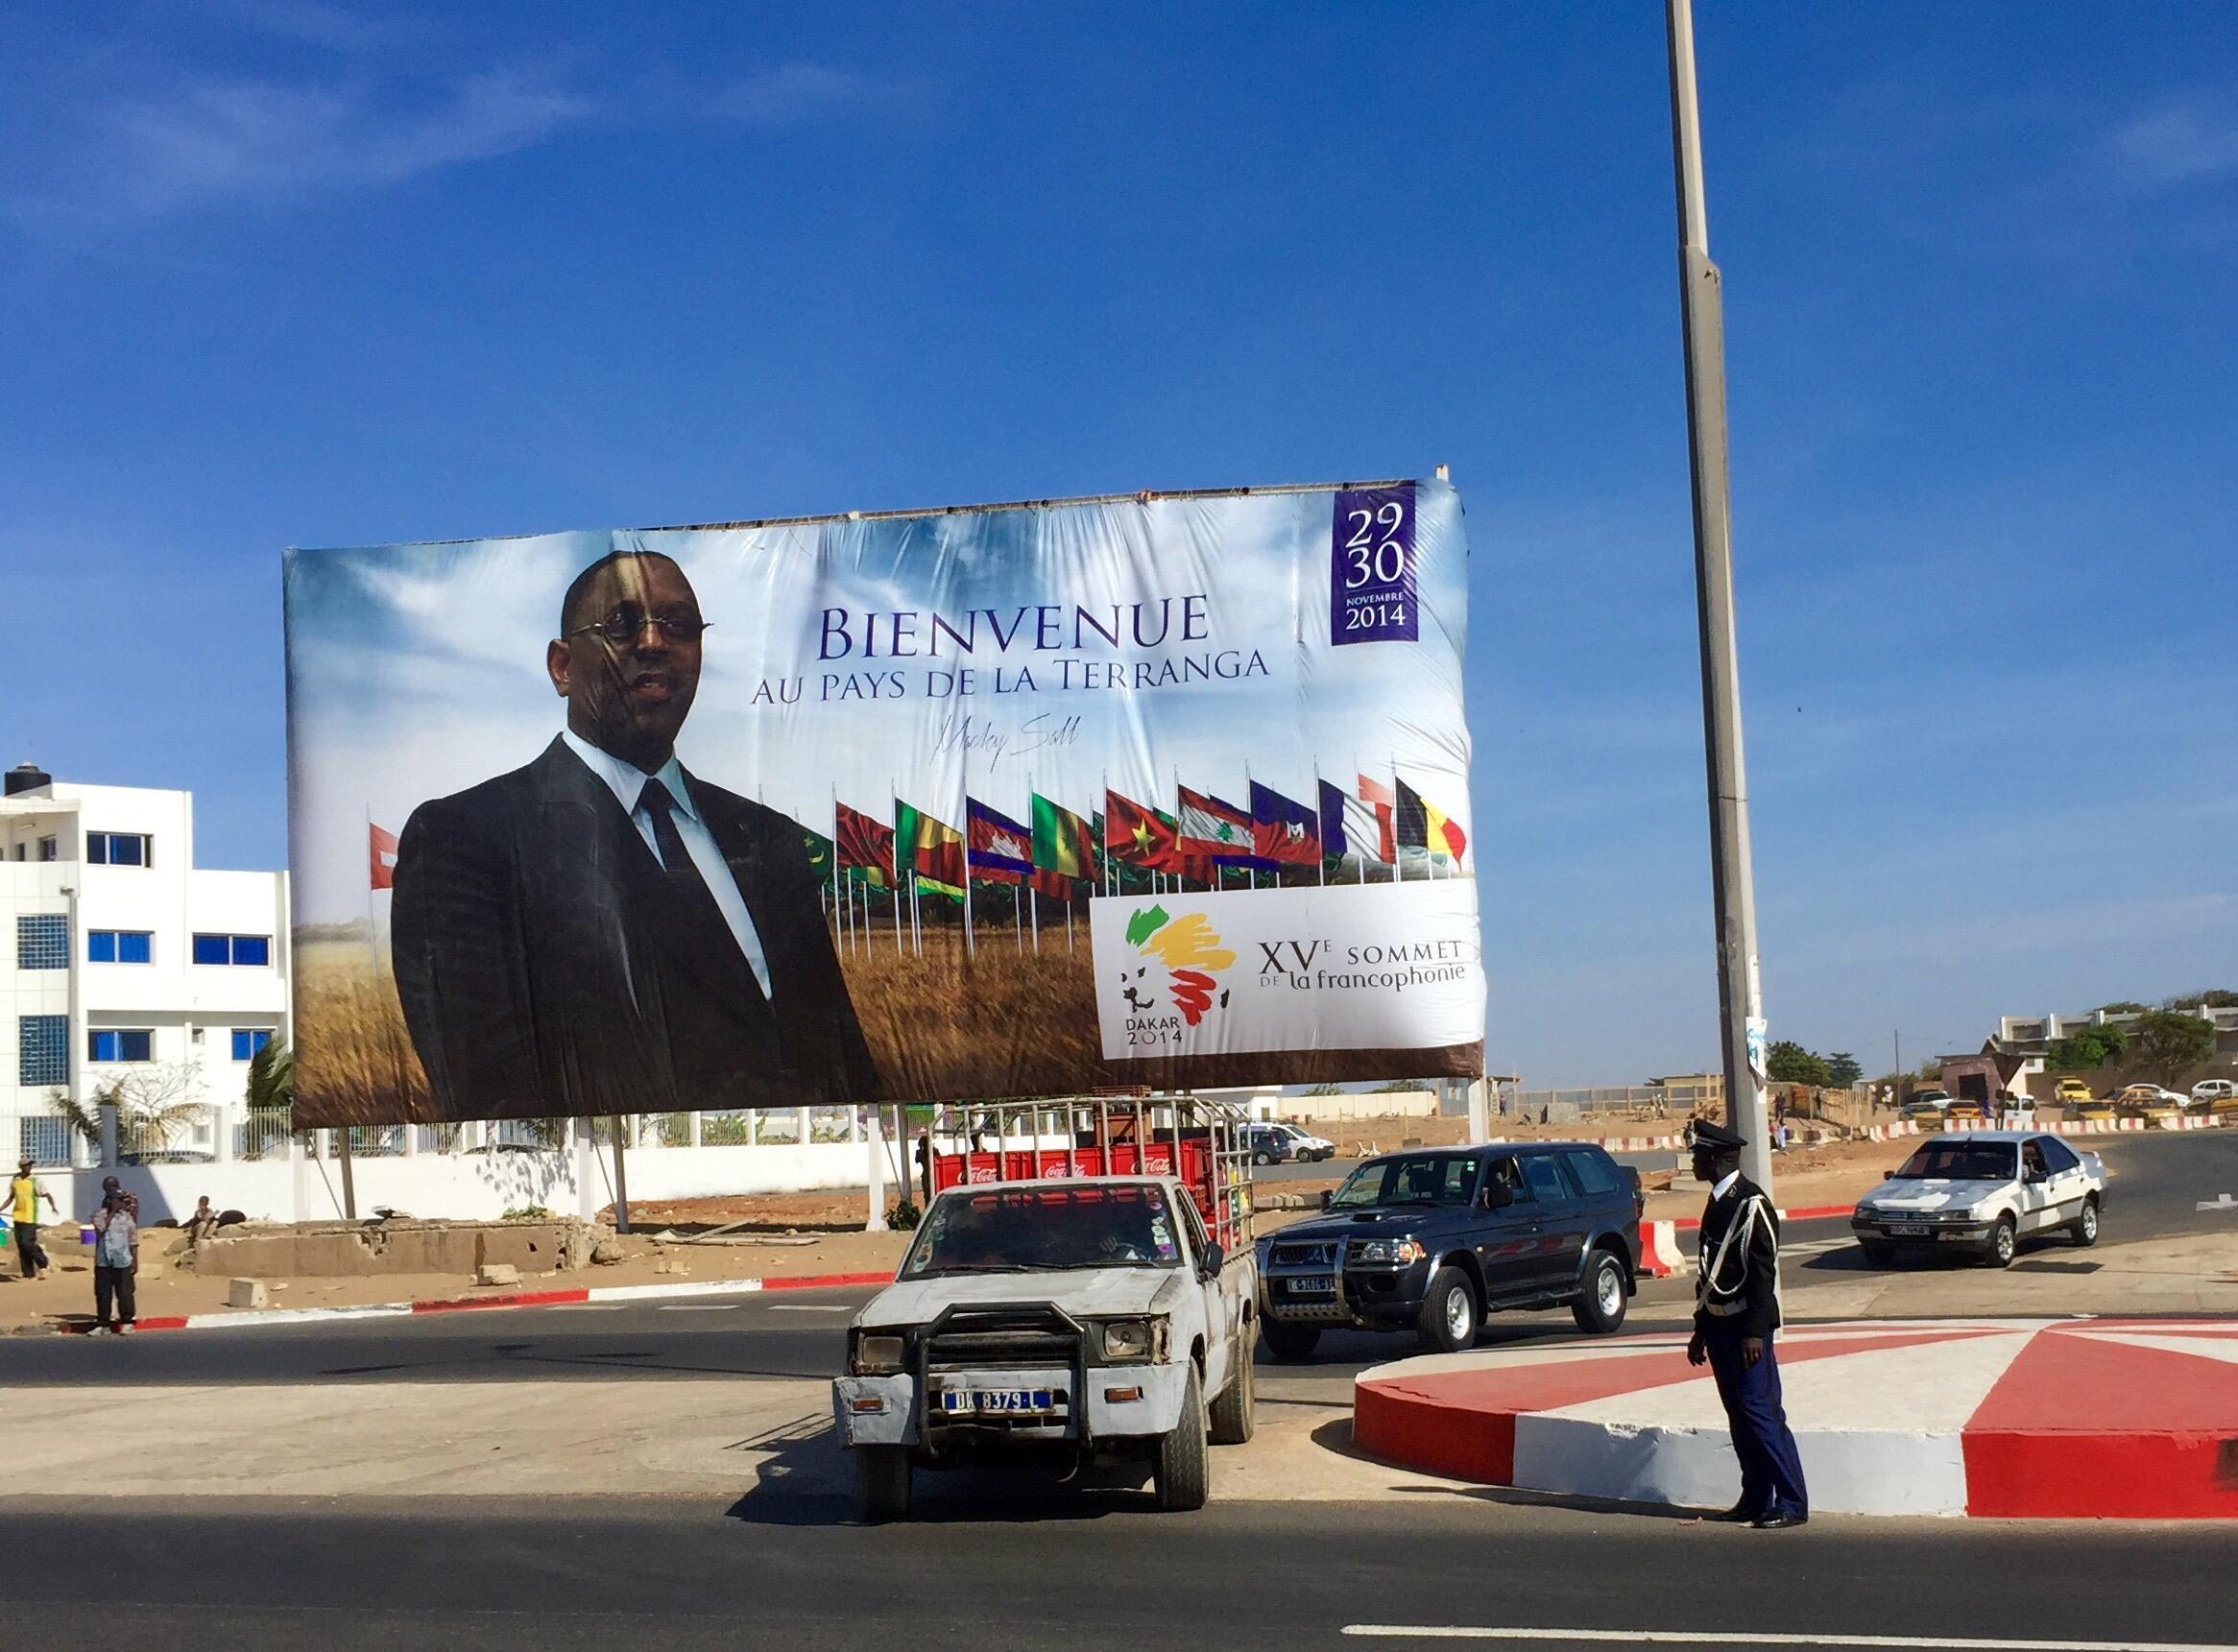 Macky Sall, le président sénégalais, souhaite la bienvenue aux participants du XVe sommet de la Francophonie à Dakar.